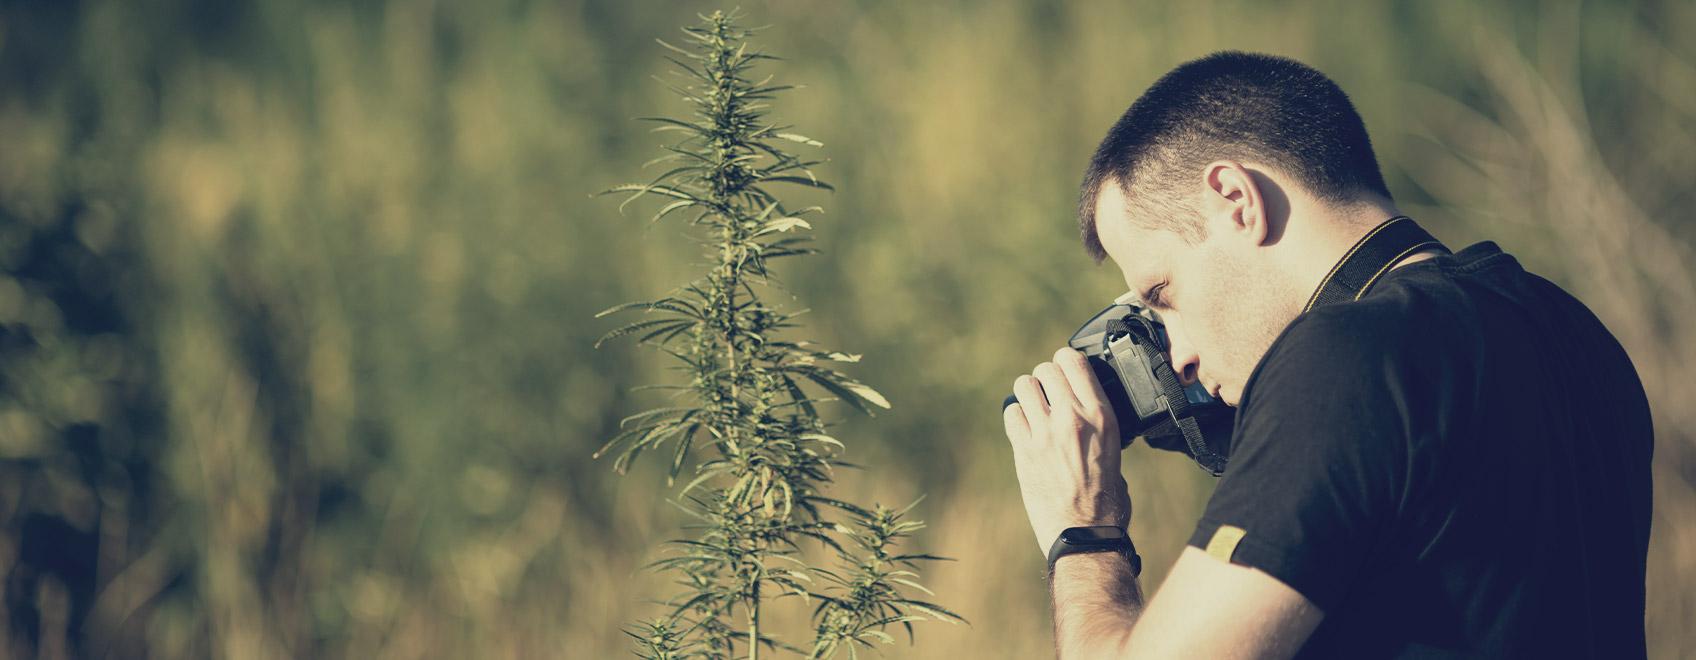 Potresti condividere con noi alcuni consigli per scattare foto creative di cannabis?